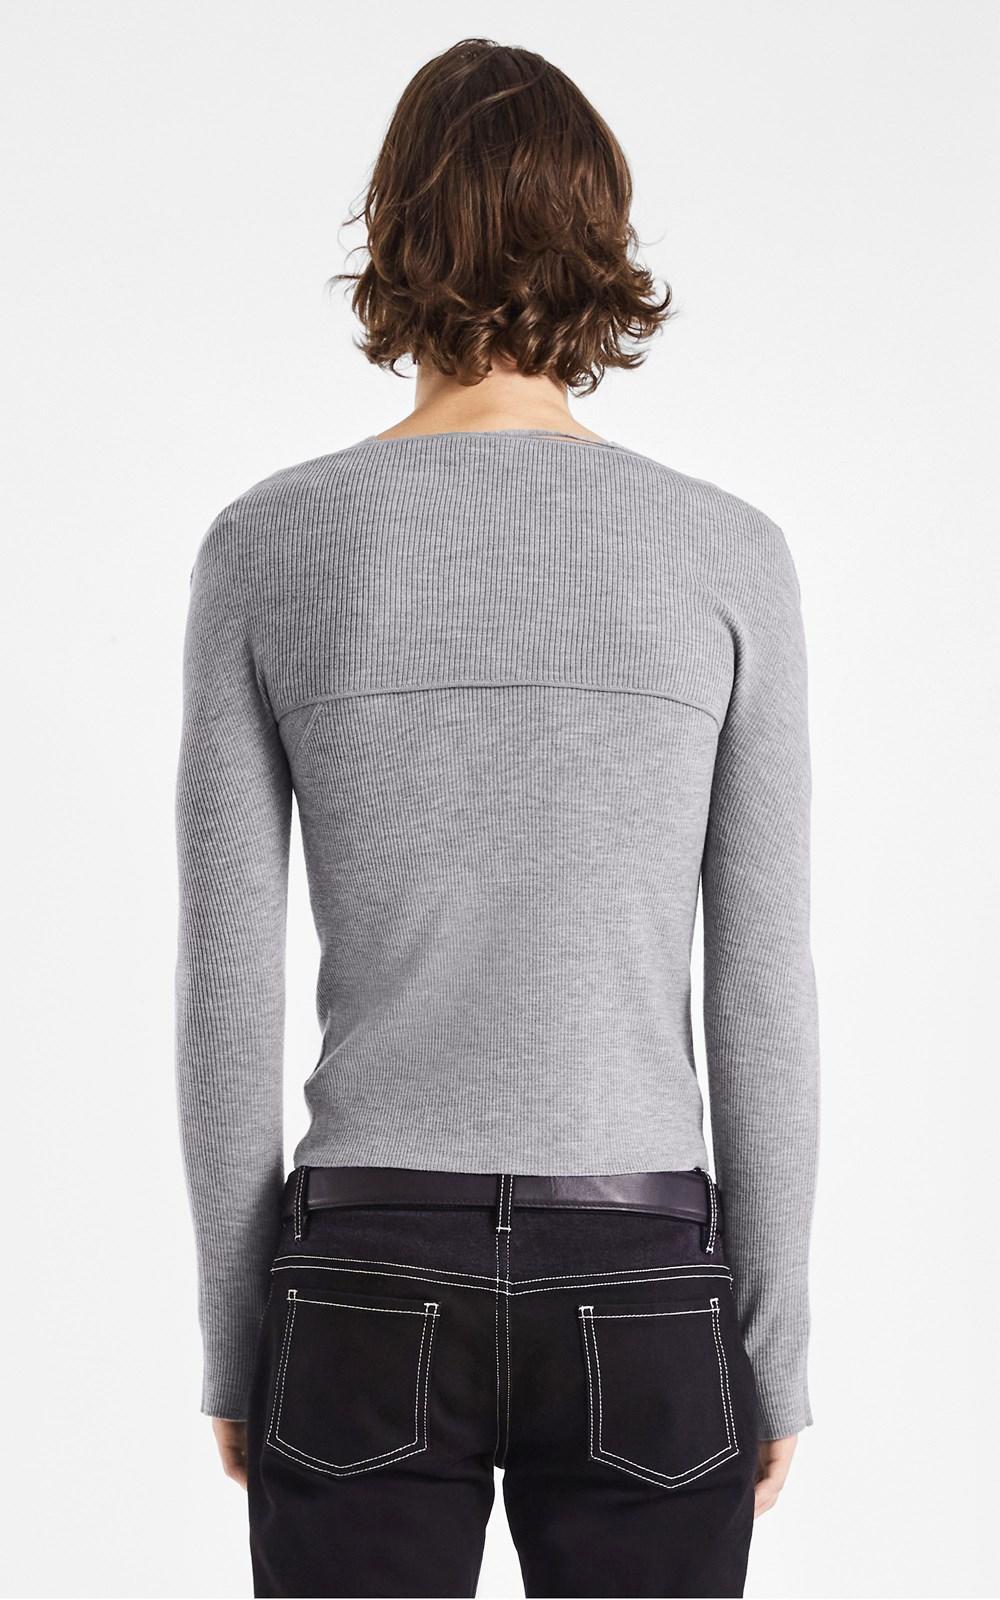 Knitwear | MERINO HYBRID LS TANK